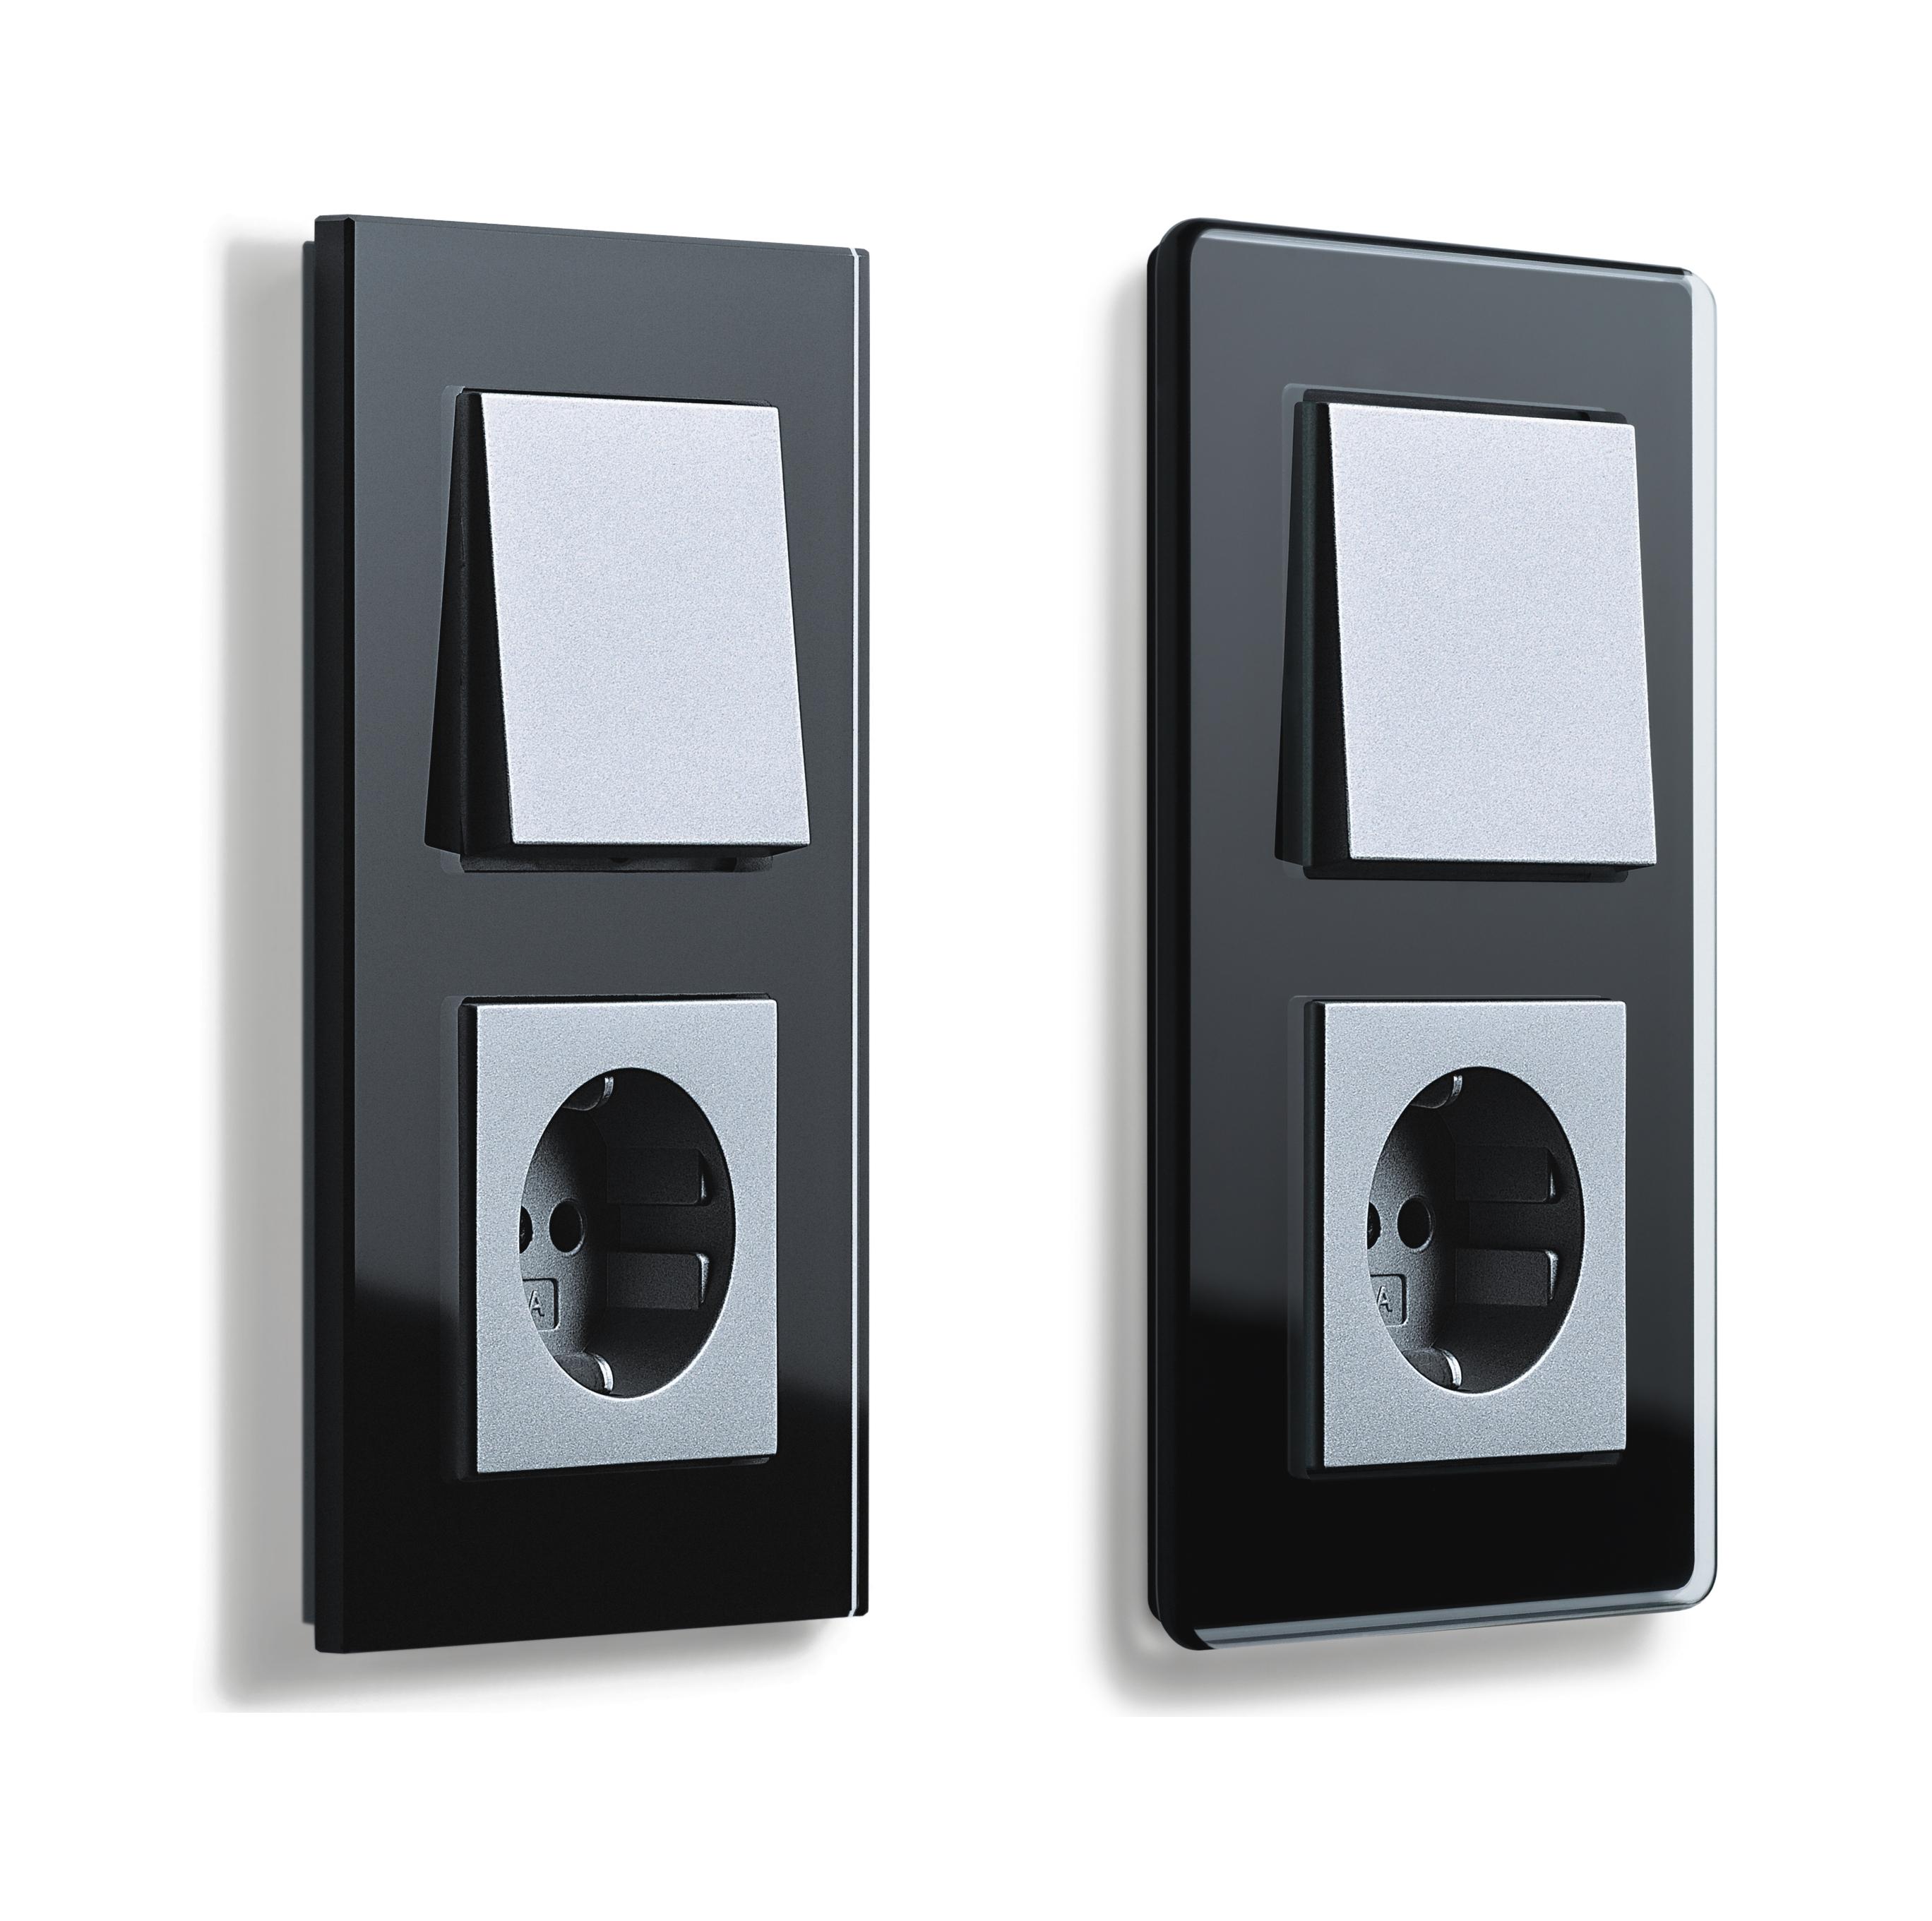 gira esprit glas c. Black Bedroom Furniture Sets. Home Design Ideas